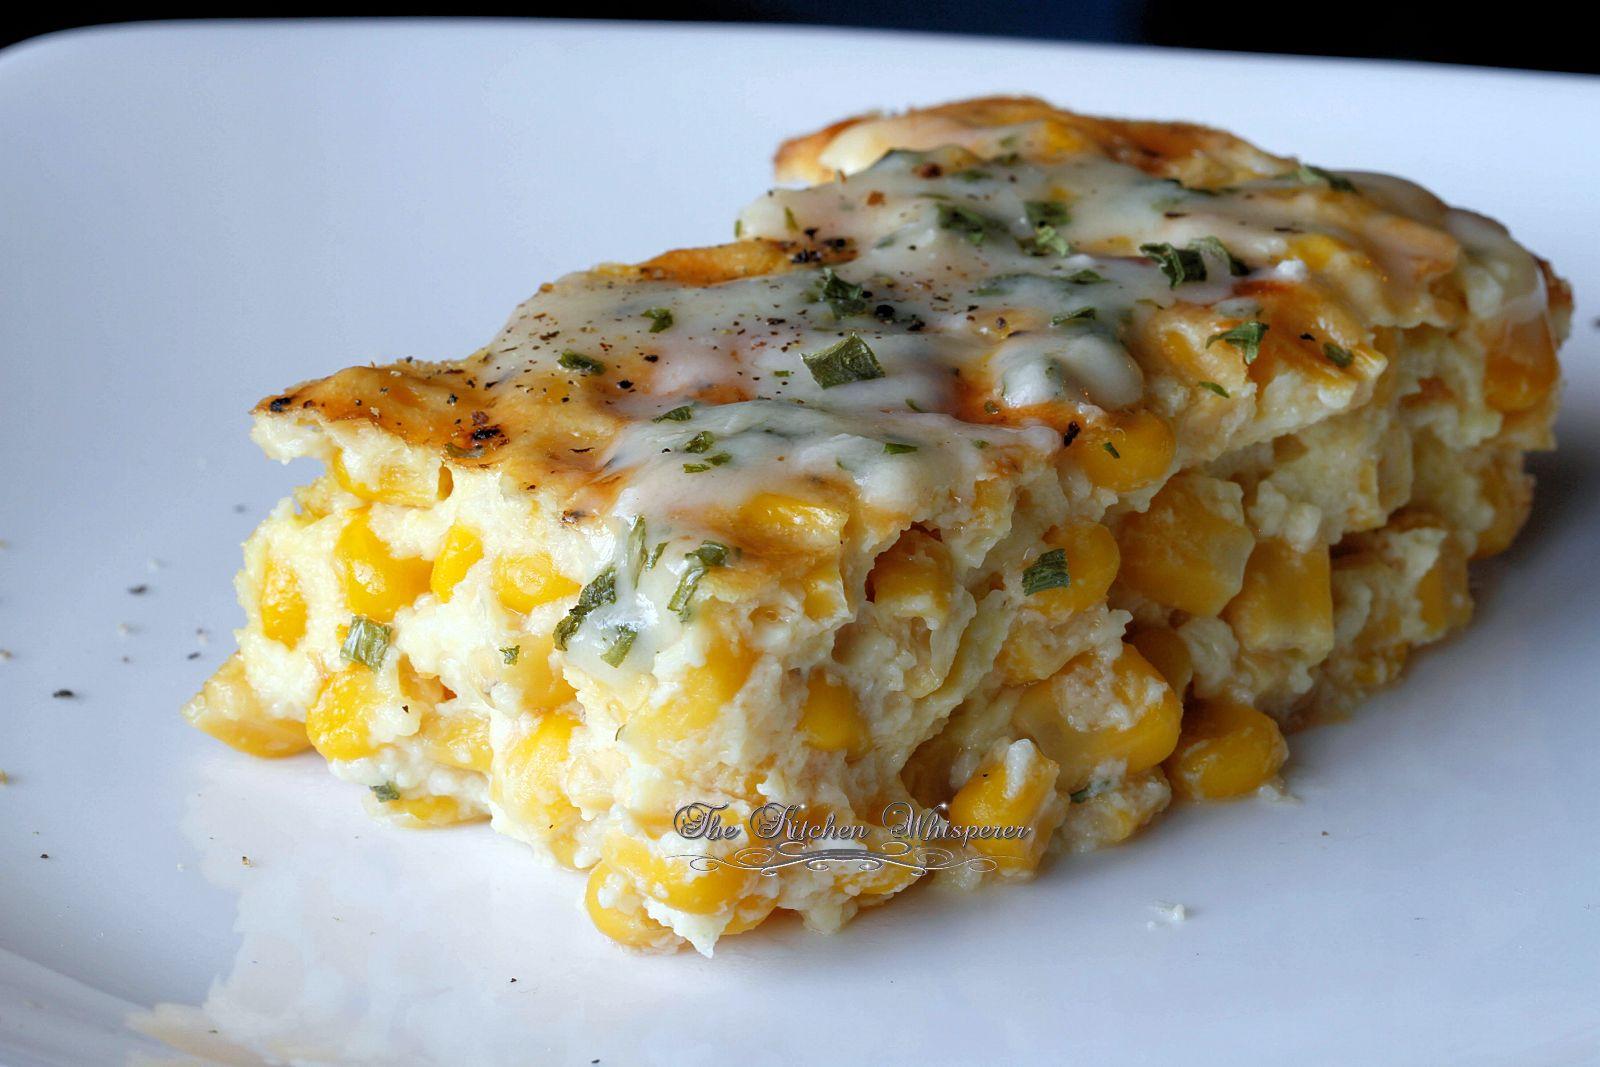 Corn Casserole Recipes  Baked Creamy Corn Casserole